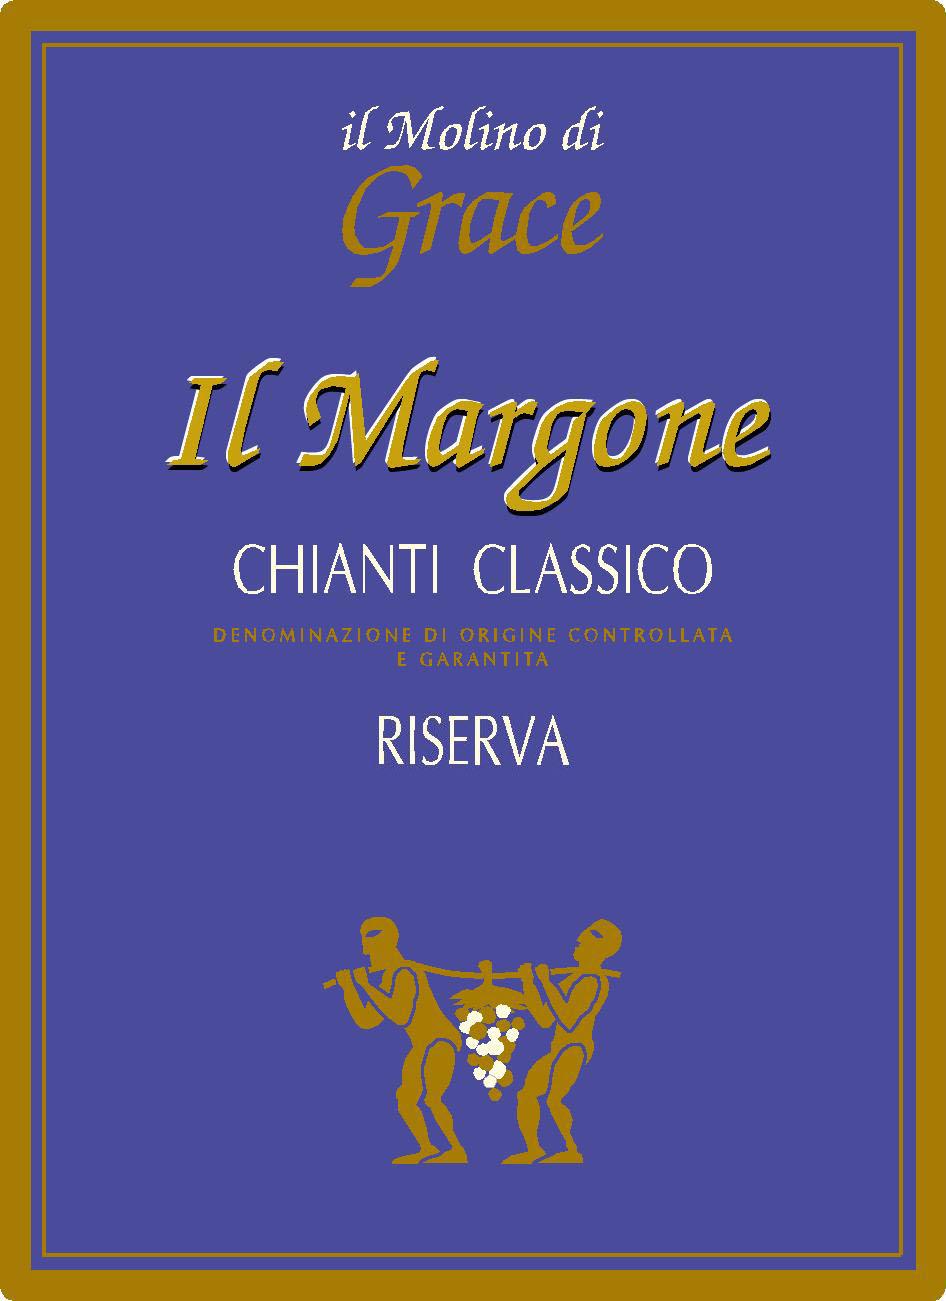 格蕾丝马格纳经典基安帝珍藏干红Il Molino di Grace Il Margone Chianti Classico  Riserva